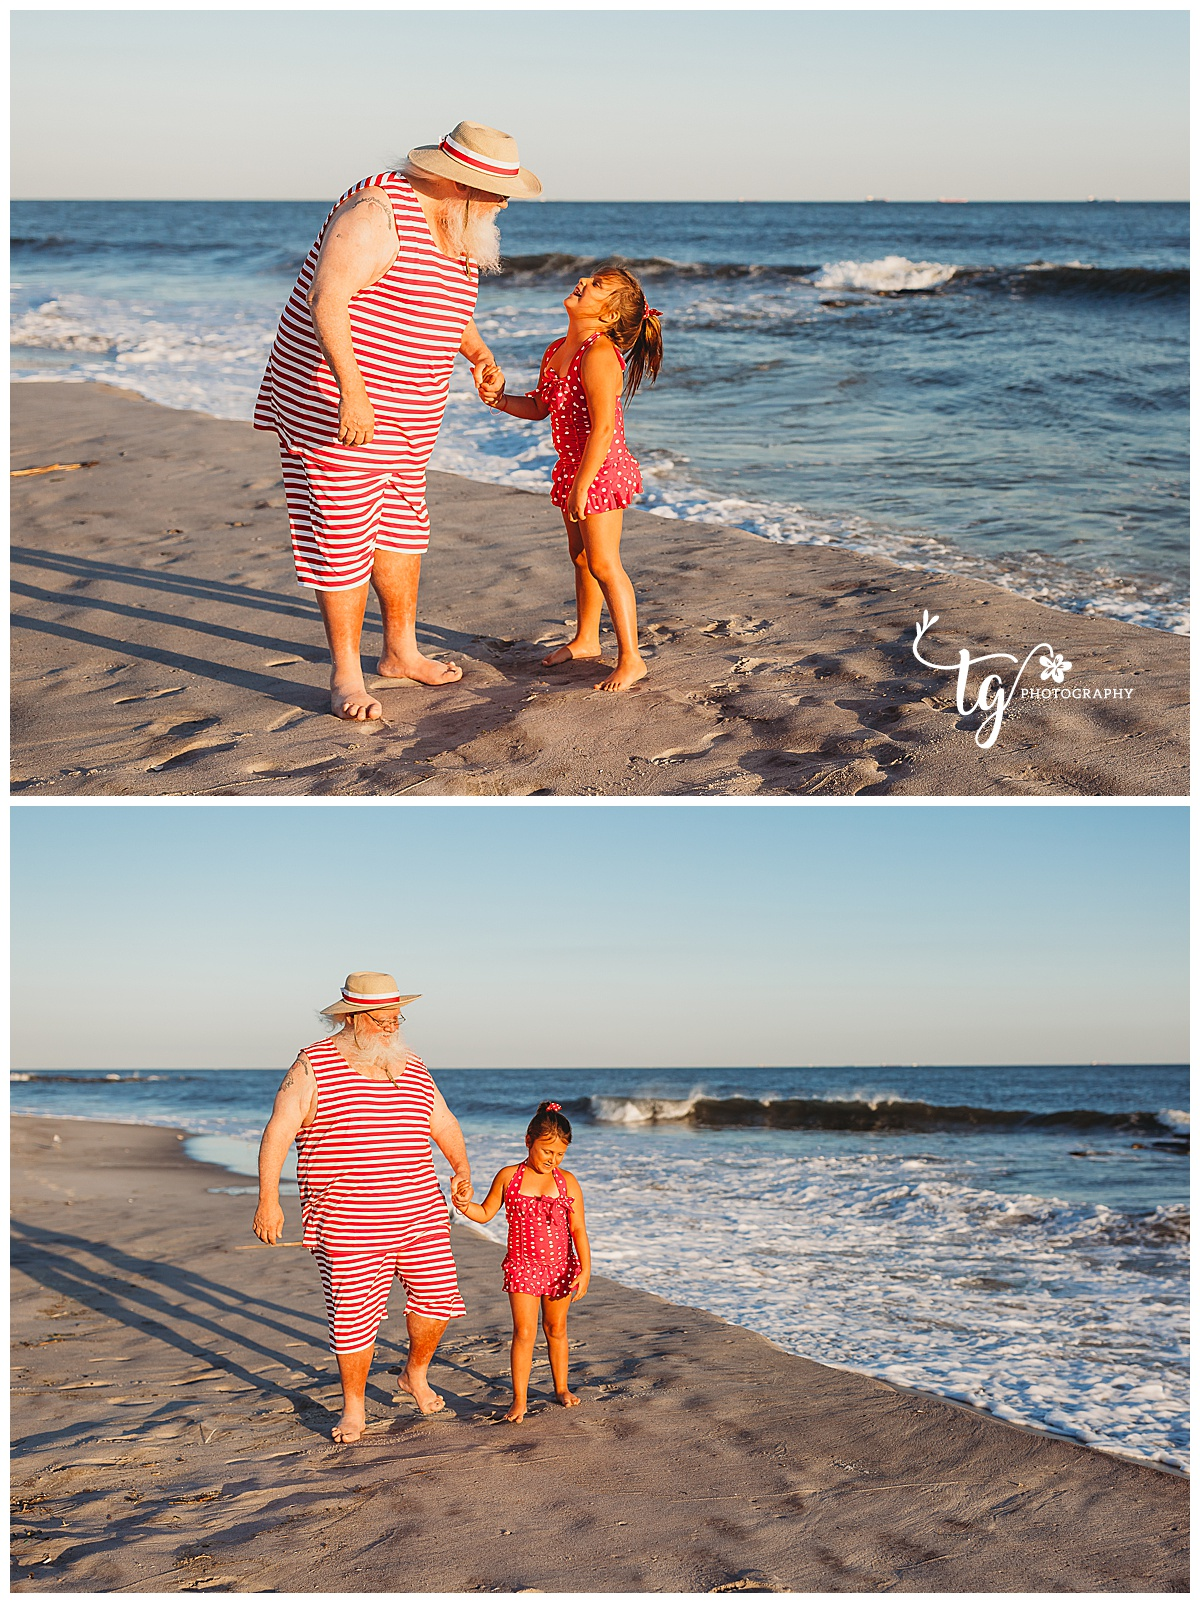 Santa beach holiday photo session